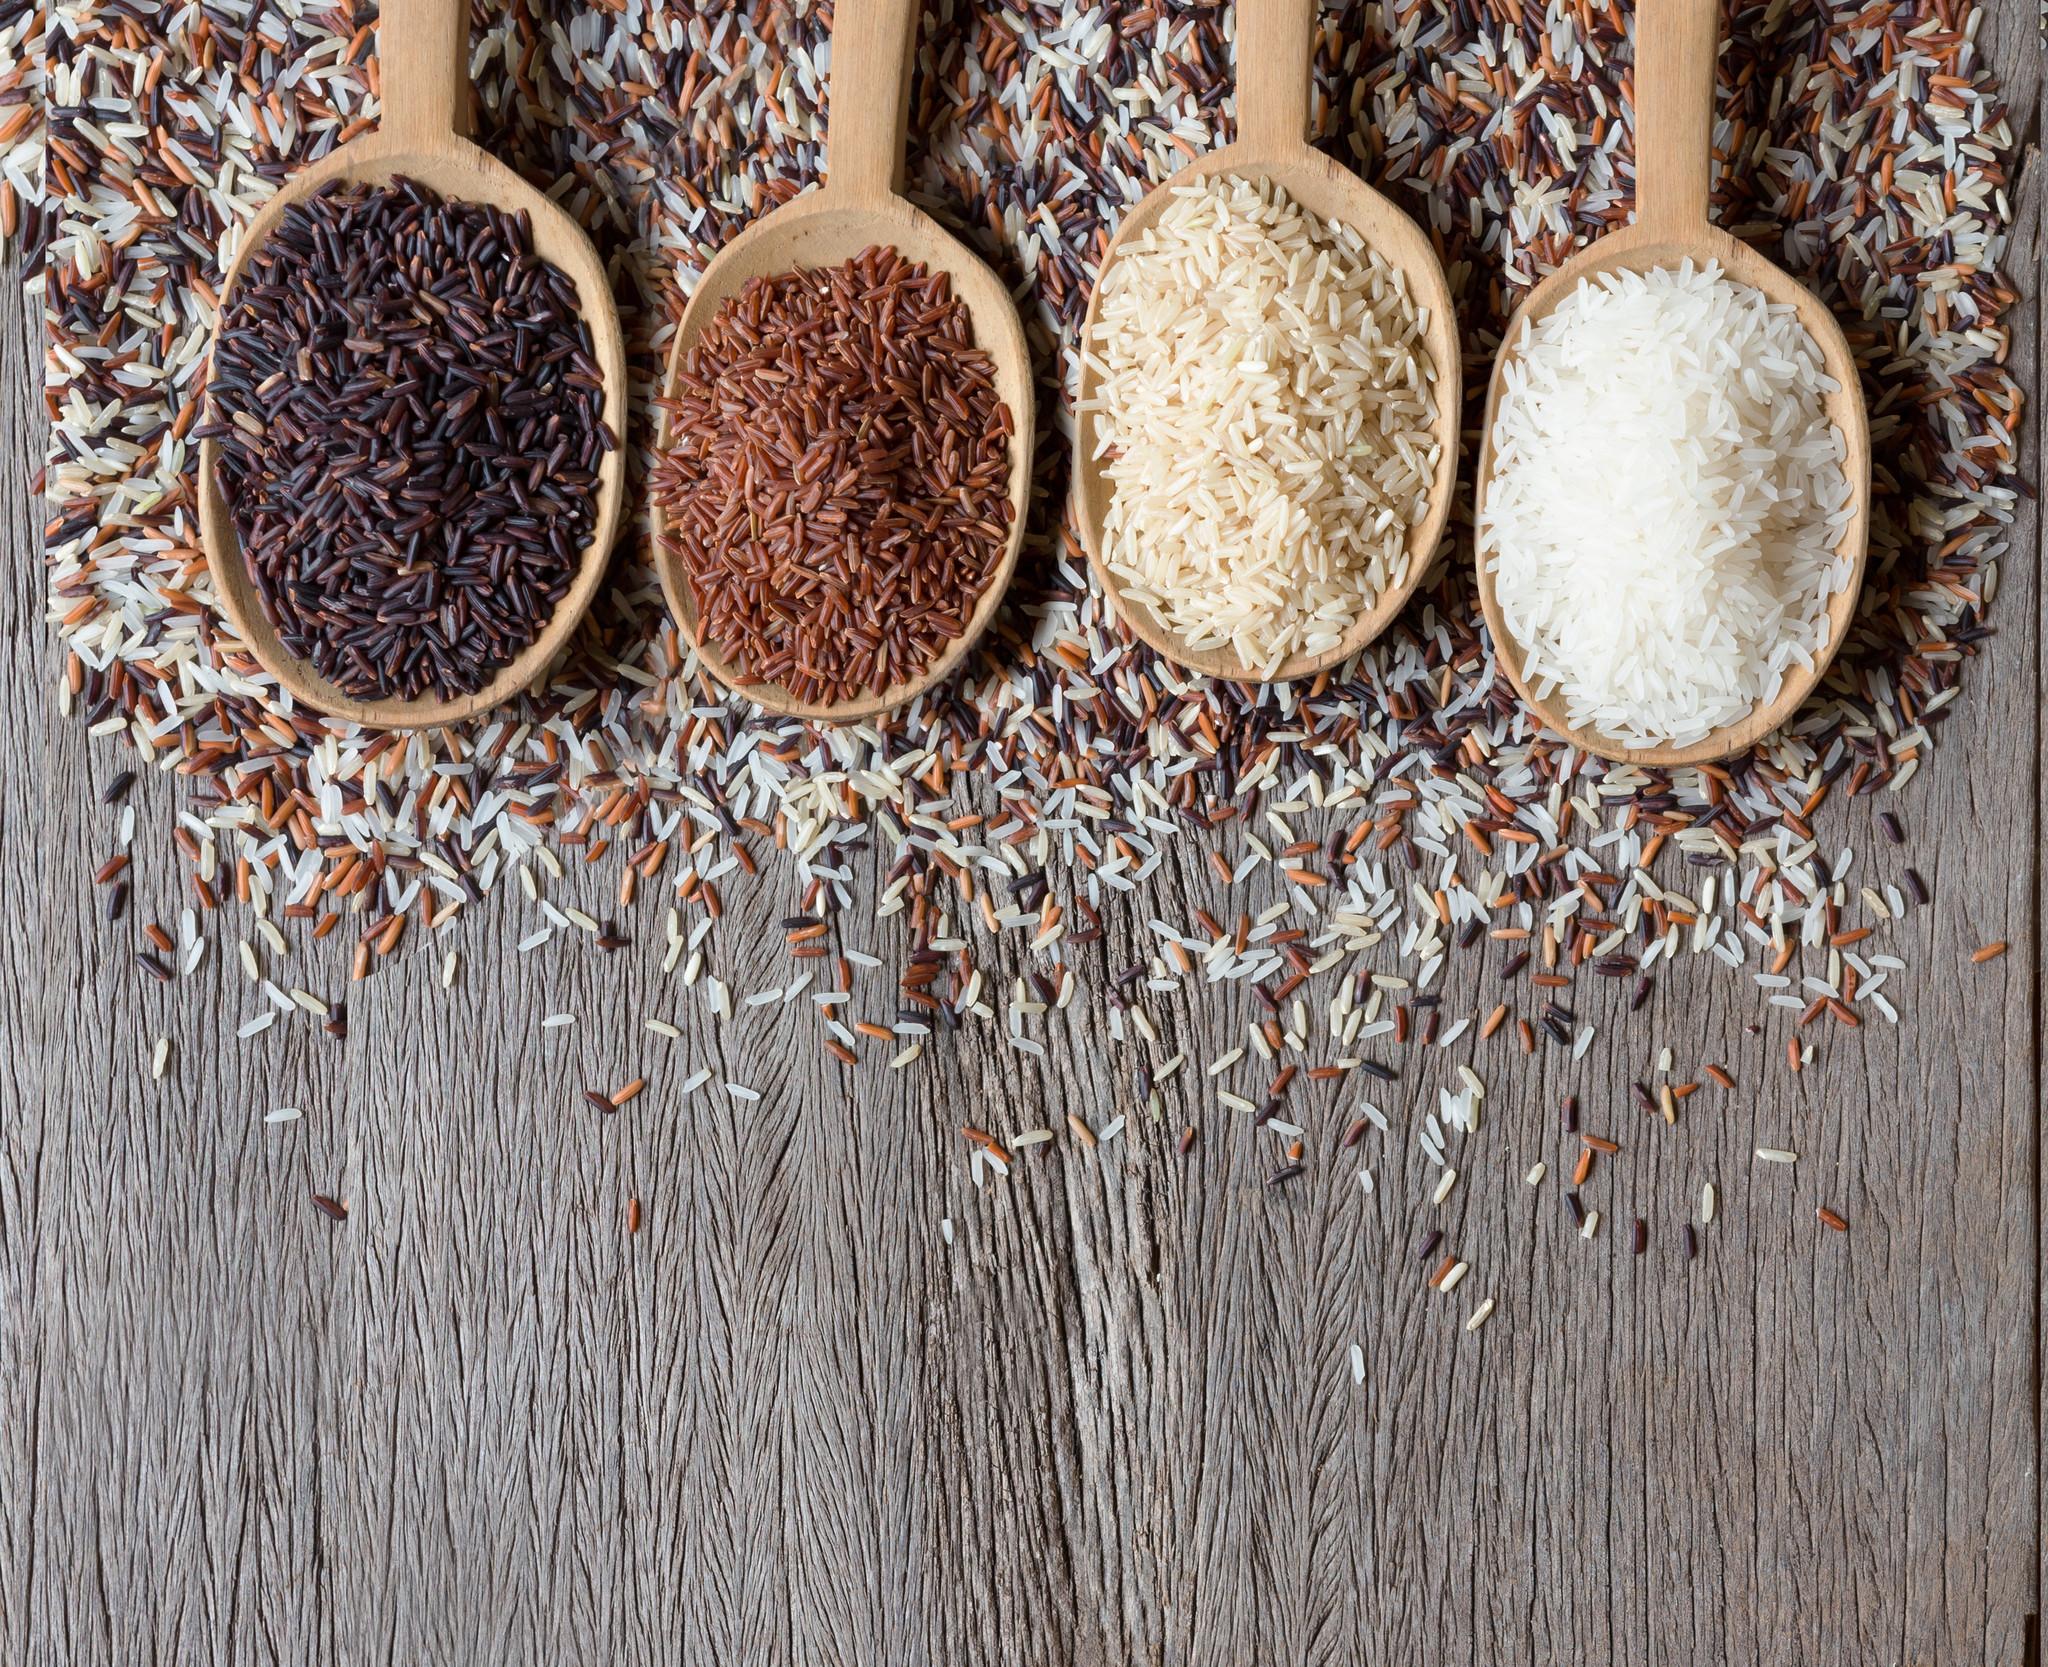 Indiase Biryani: authentiek Indiaas gerecht met rijst, kip cashewnoten & rozijnen